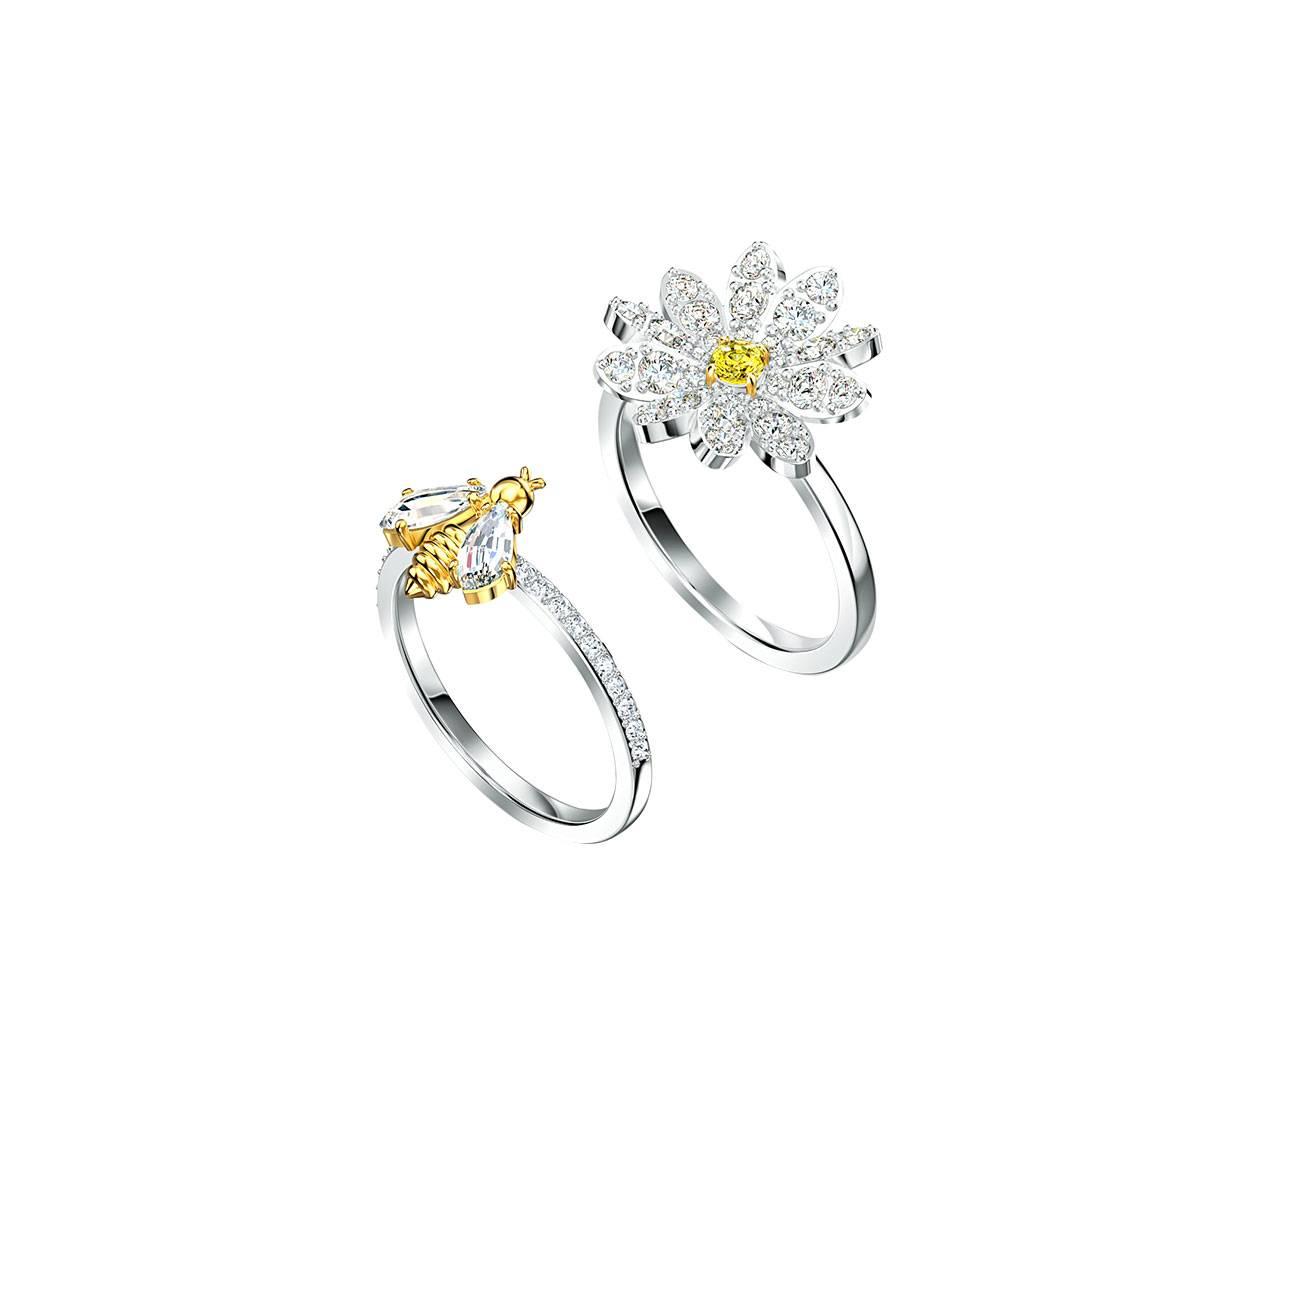 ETERNAL FLOWER RING SET 5512661 55 imagine produs